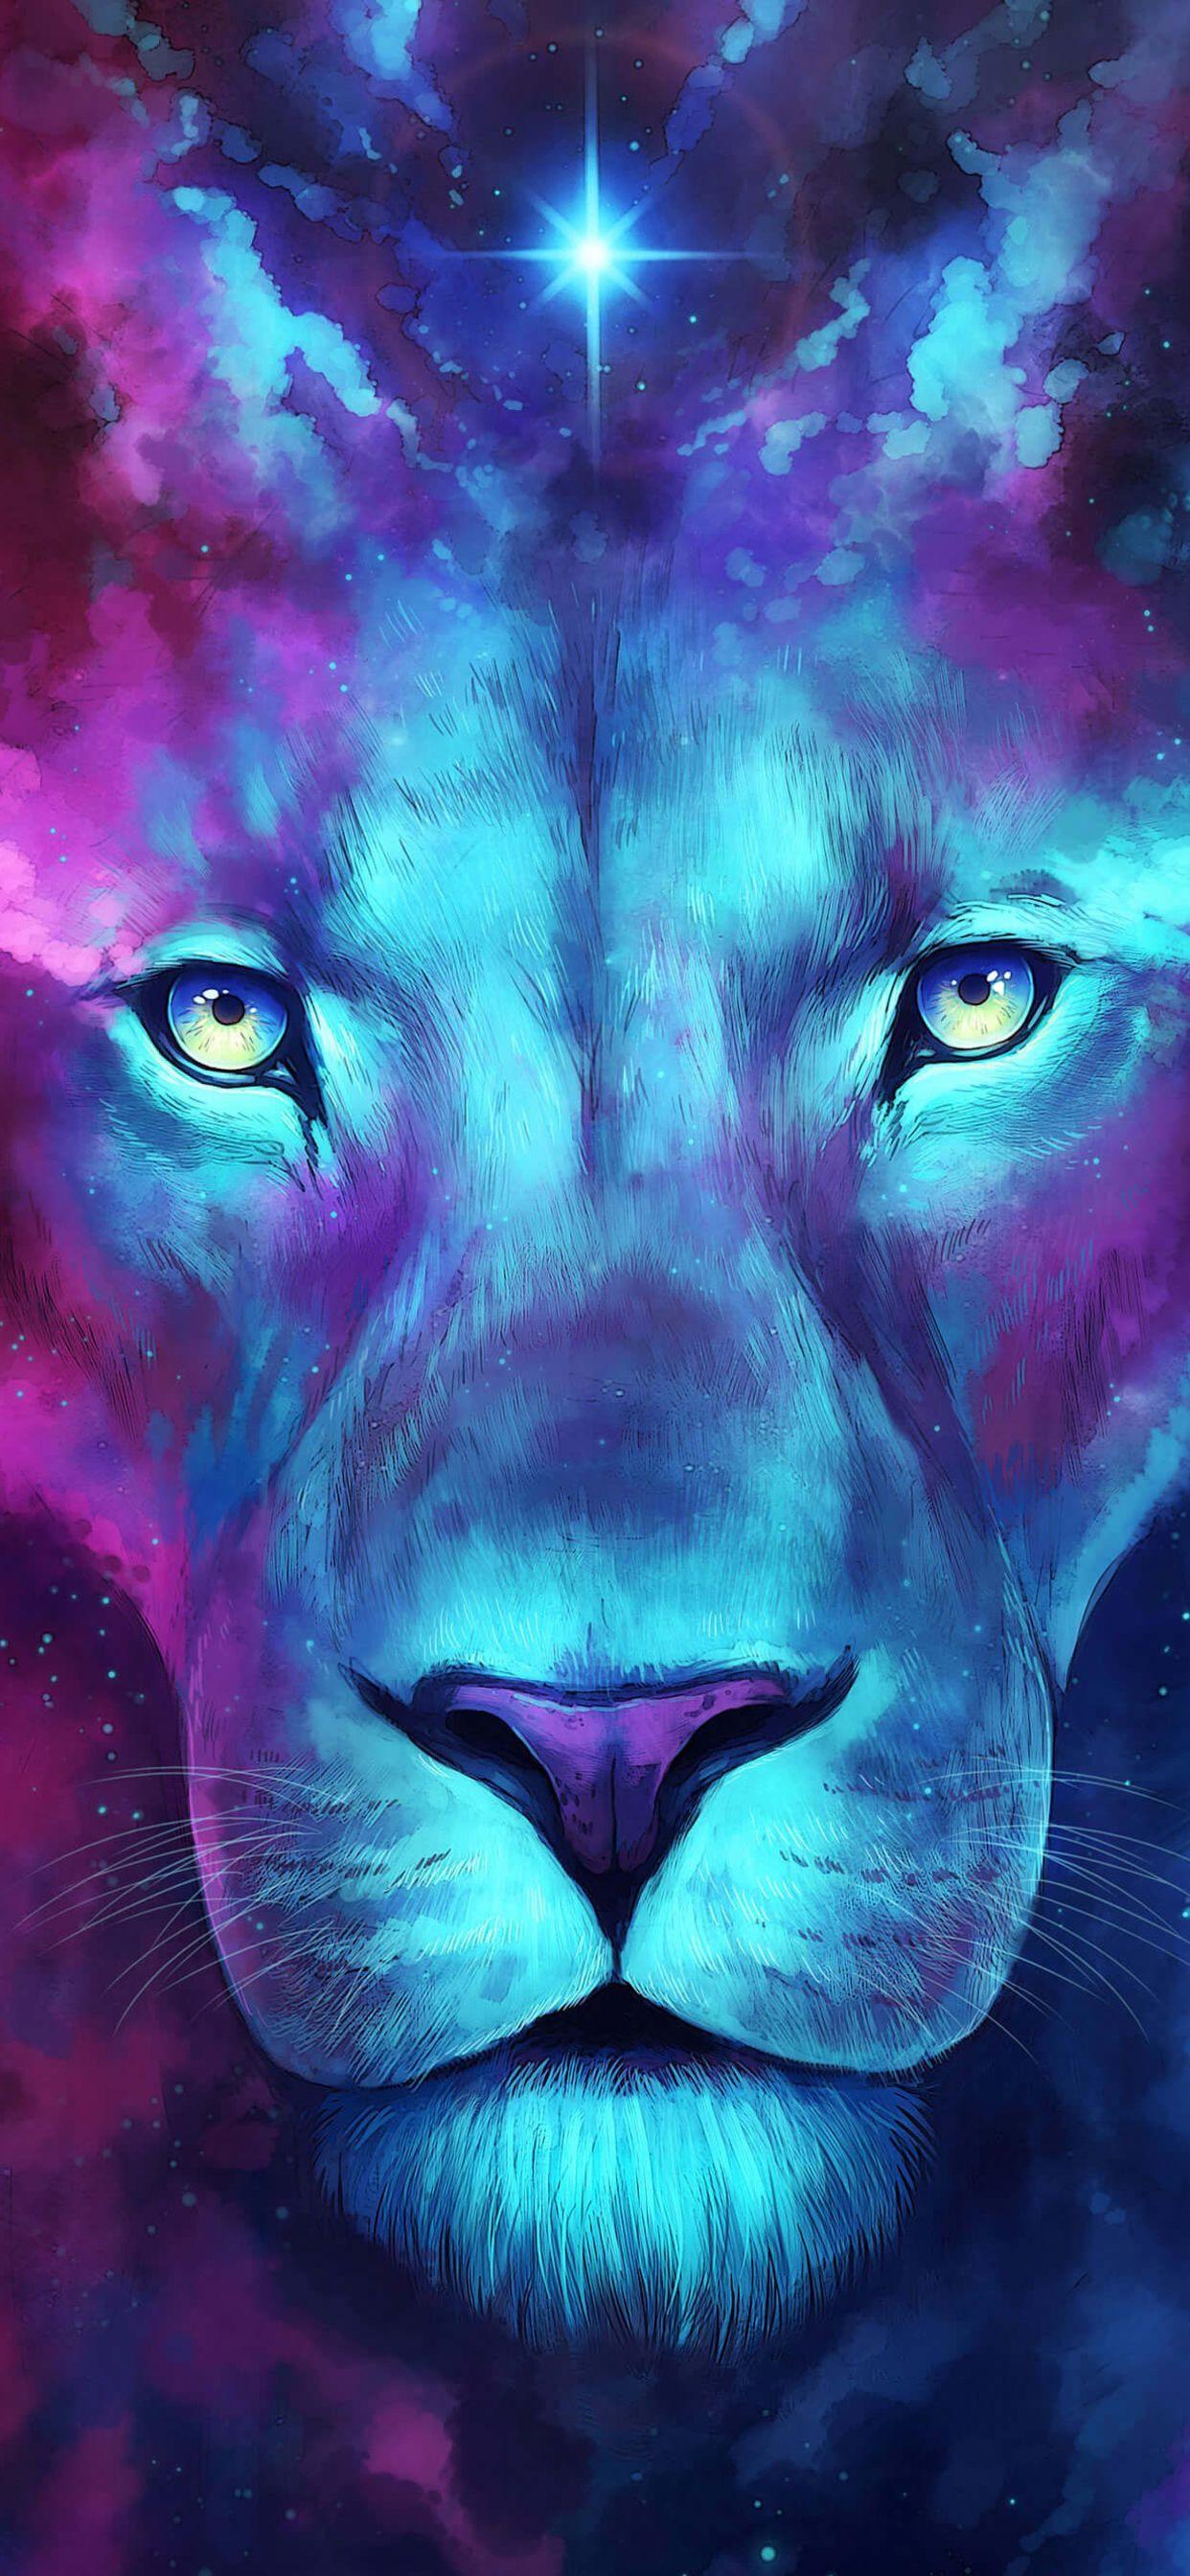 Iphonewallpaper Phonewallpaper Lion Wallpaper Lion Artwork